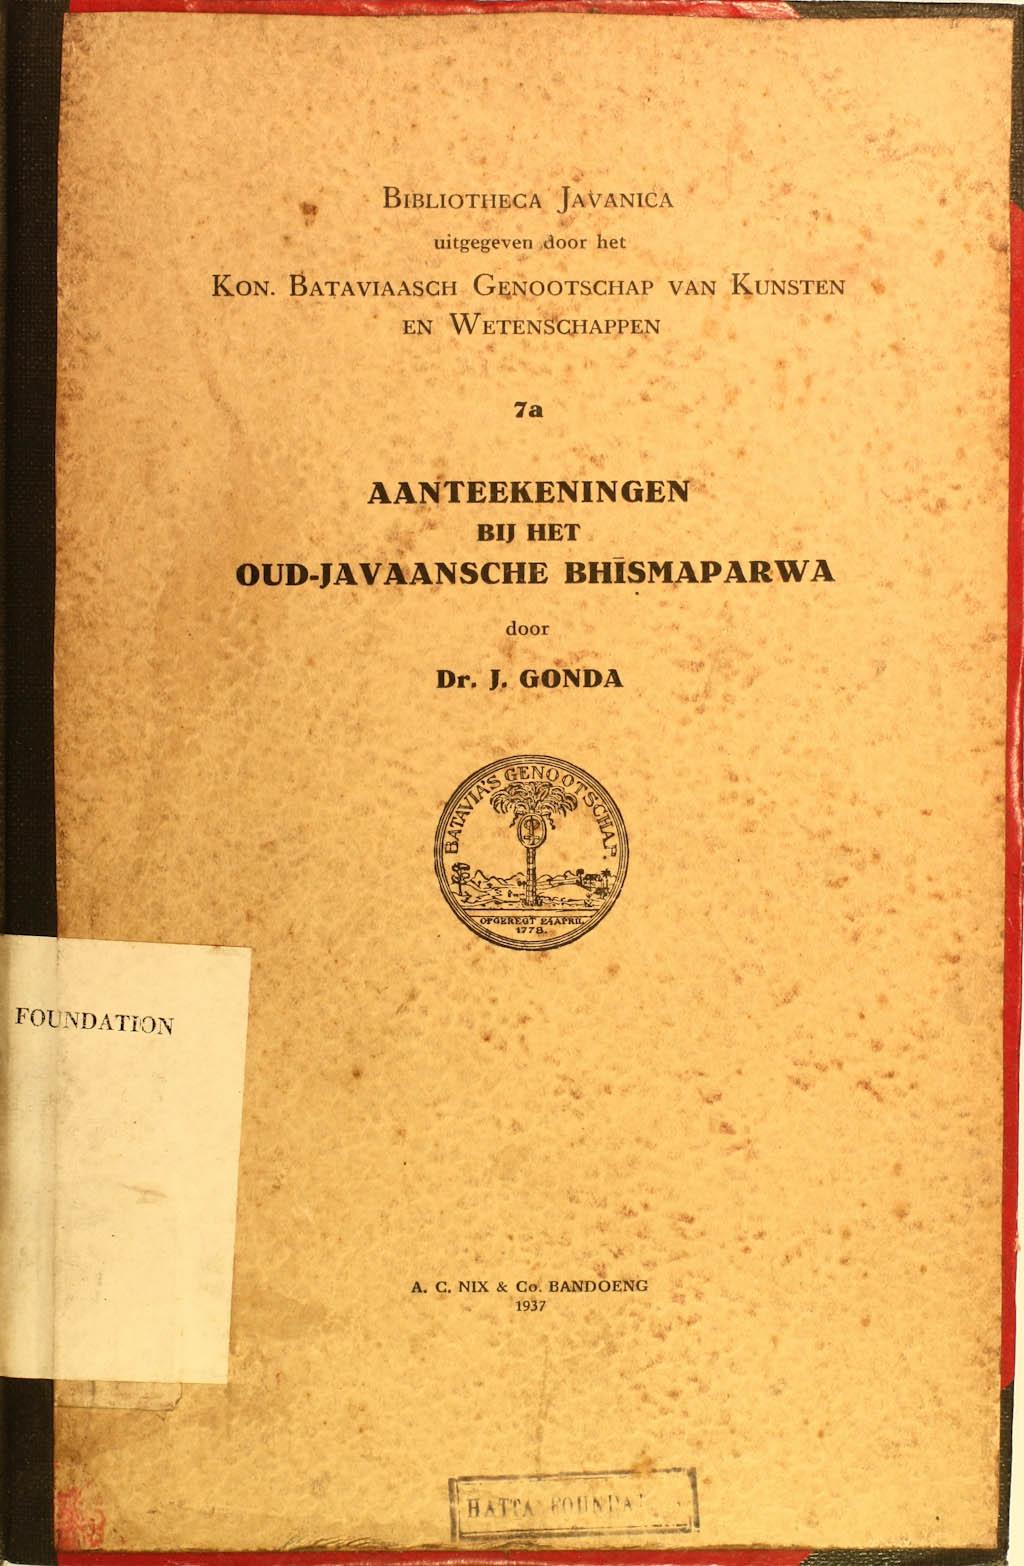 Aanteekeningen bij het oud-Javaansche Bhismaparwa